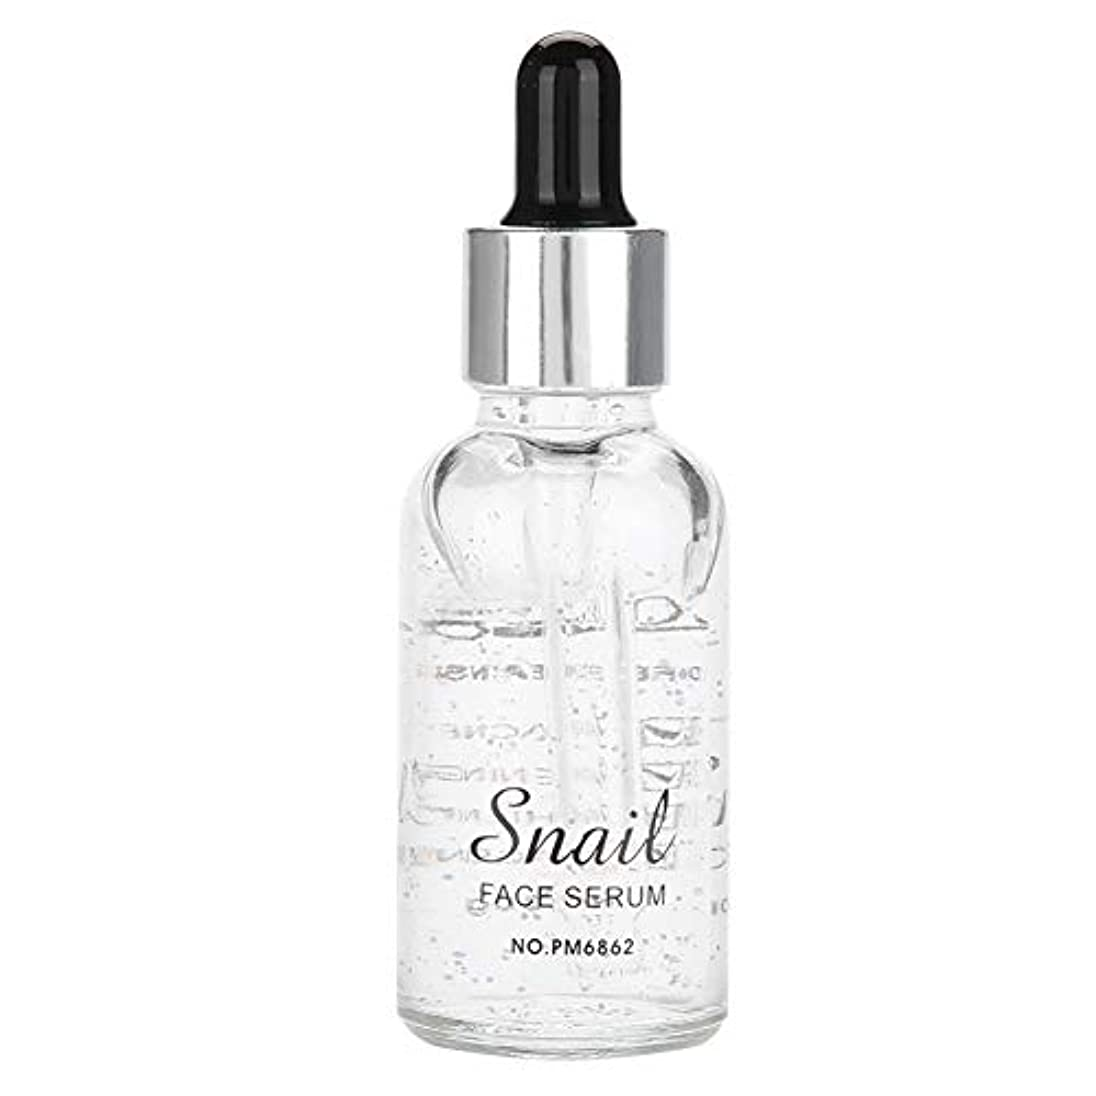 滑りやすい労働瞬時にSemme Snail Solution血清、天然物質保湿エッセンス粗い毛穴を深く潤いと縮め、肌の弾力性を高め、引き締めます。